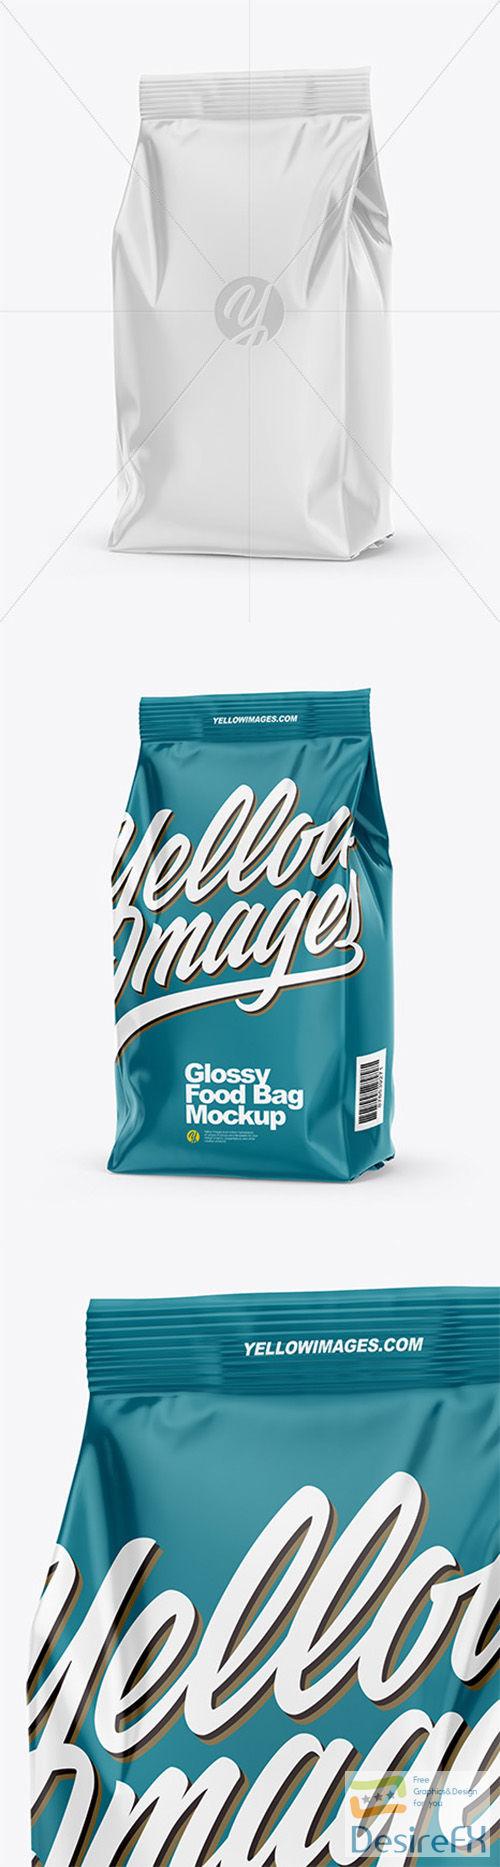 Glossy Food Bag Mockup - Half Side View 66328